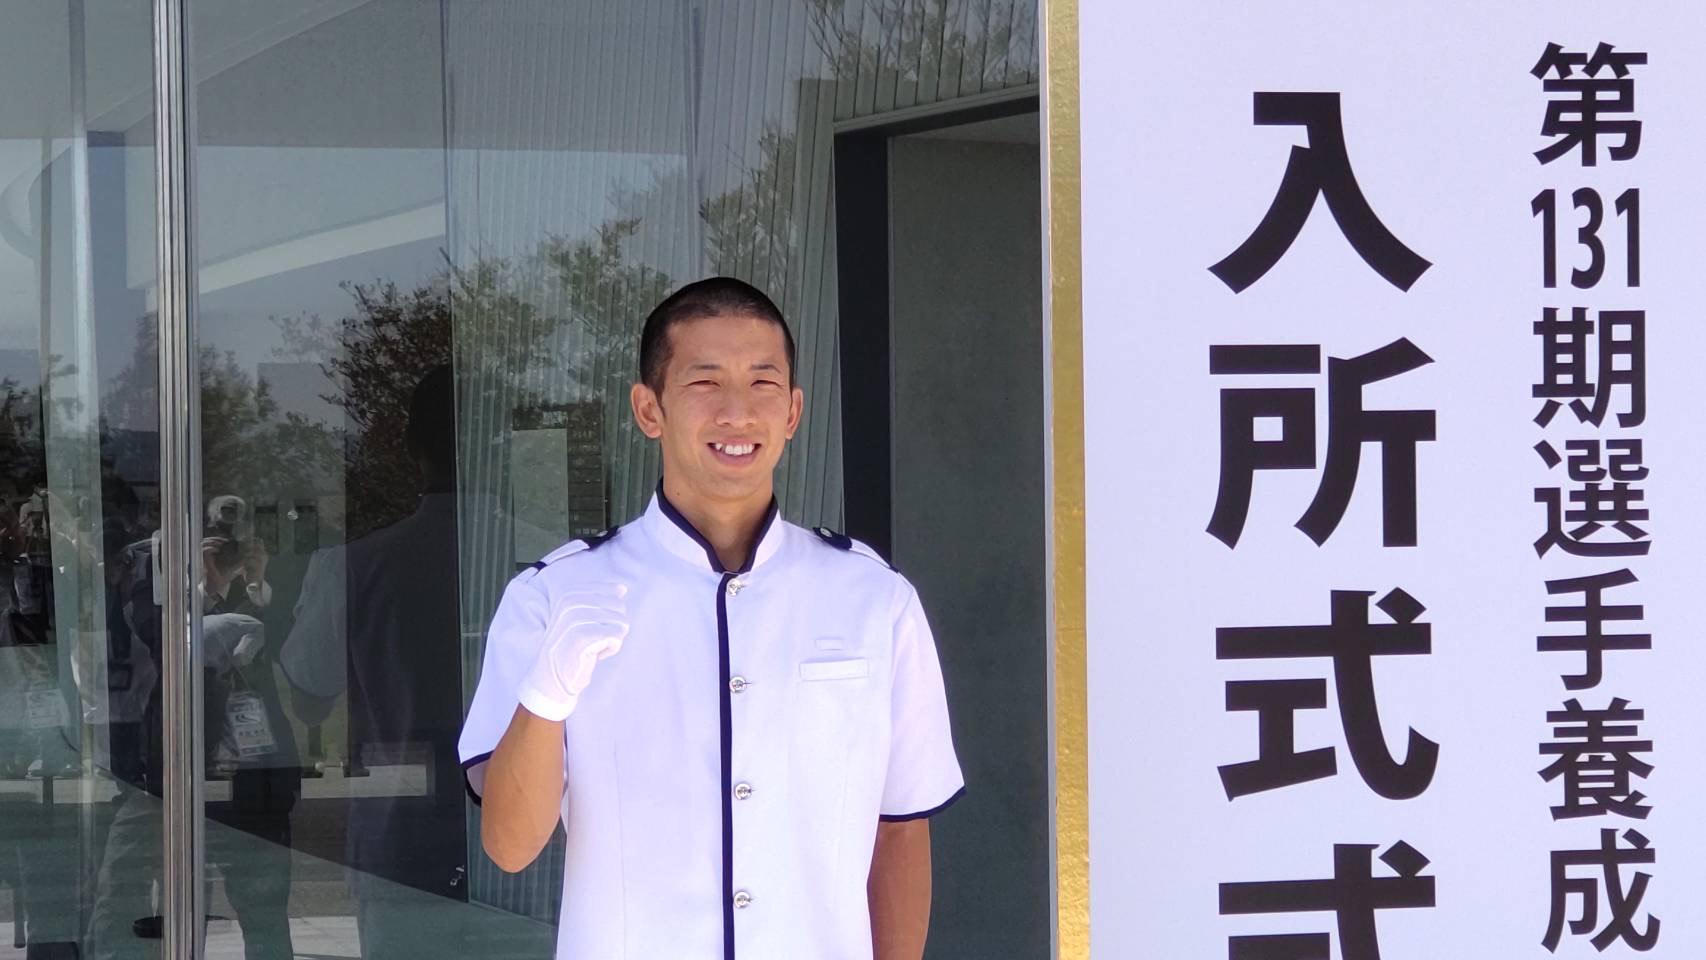 ボートレーサー131期生が入所!2022年11月にデビュー予定